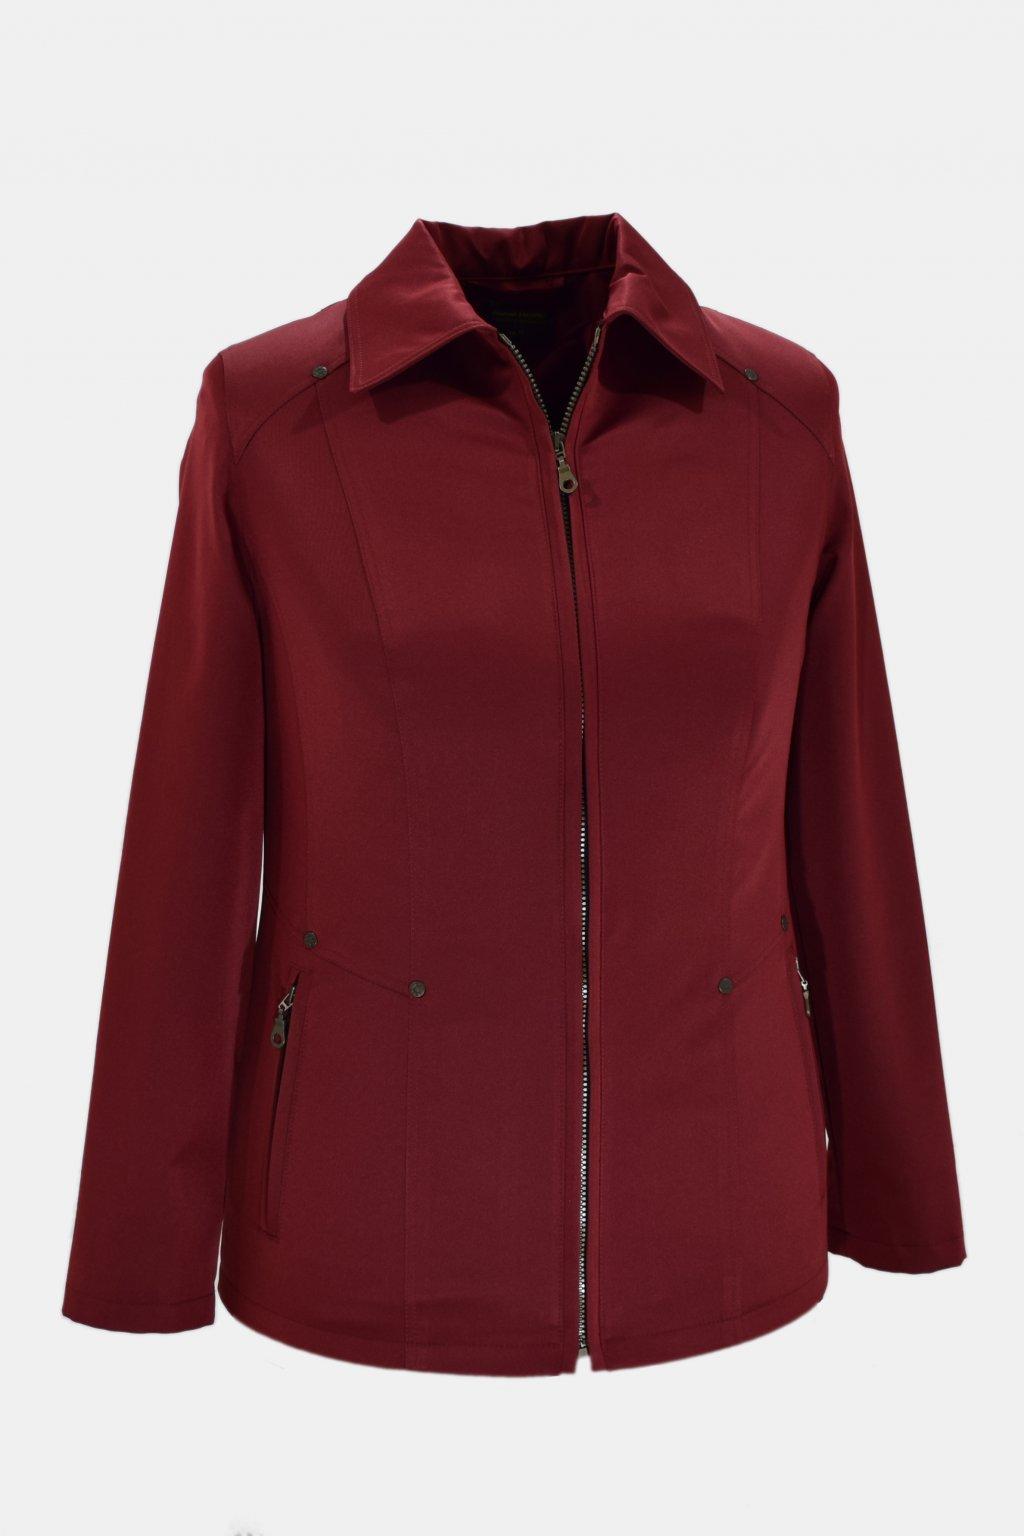 Dámská bordo jarní bunda Hana nadměrné velikosti.